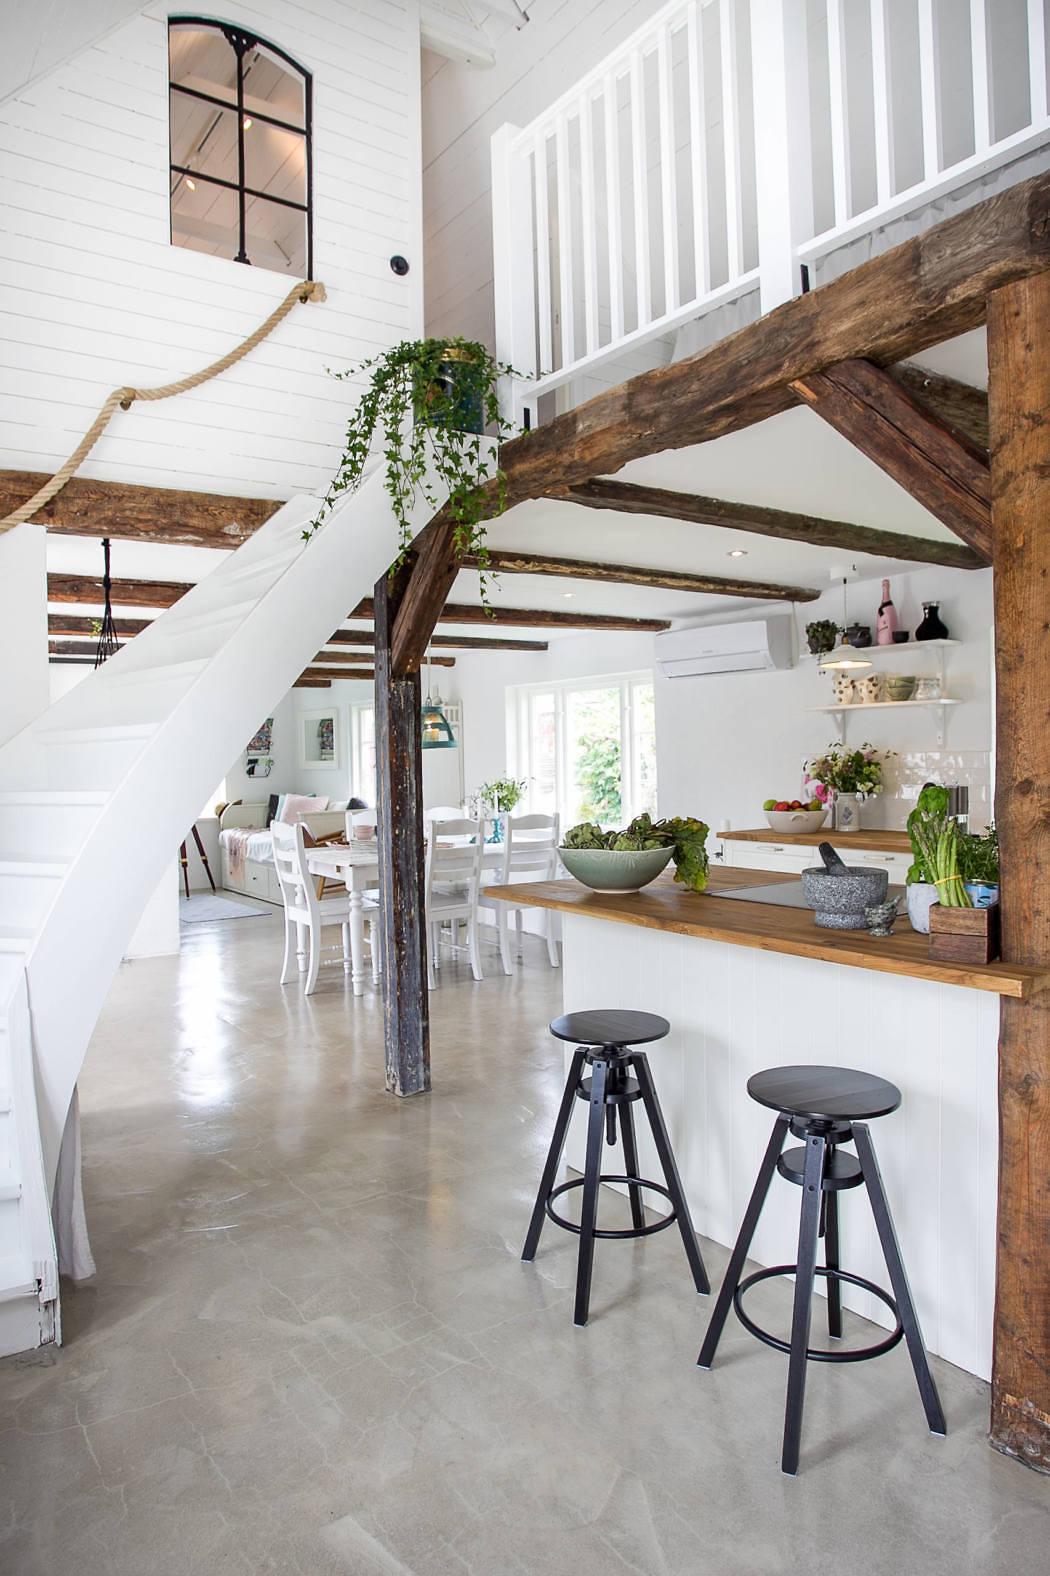 Appartamento in stile country l 39 eleganza dolce di un for Case di stile